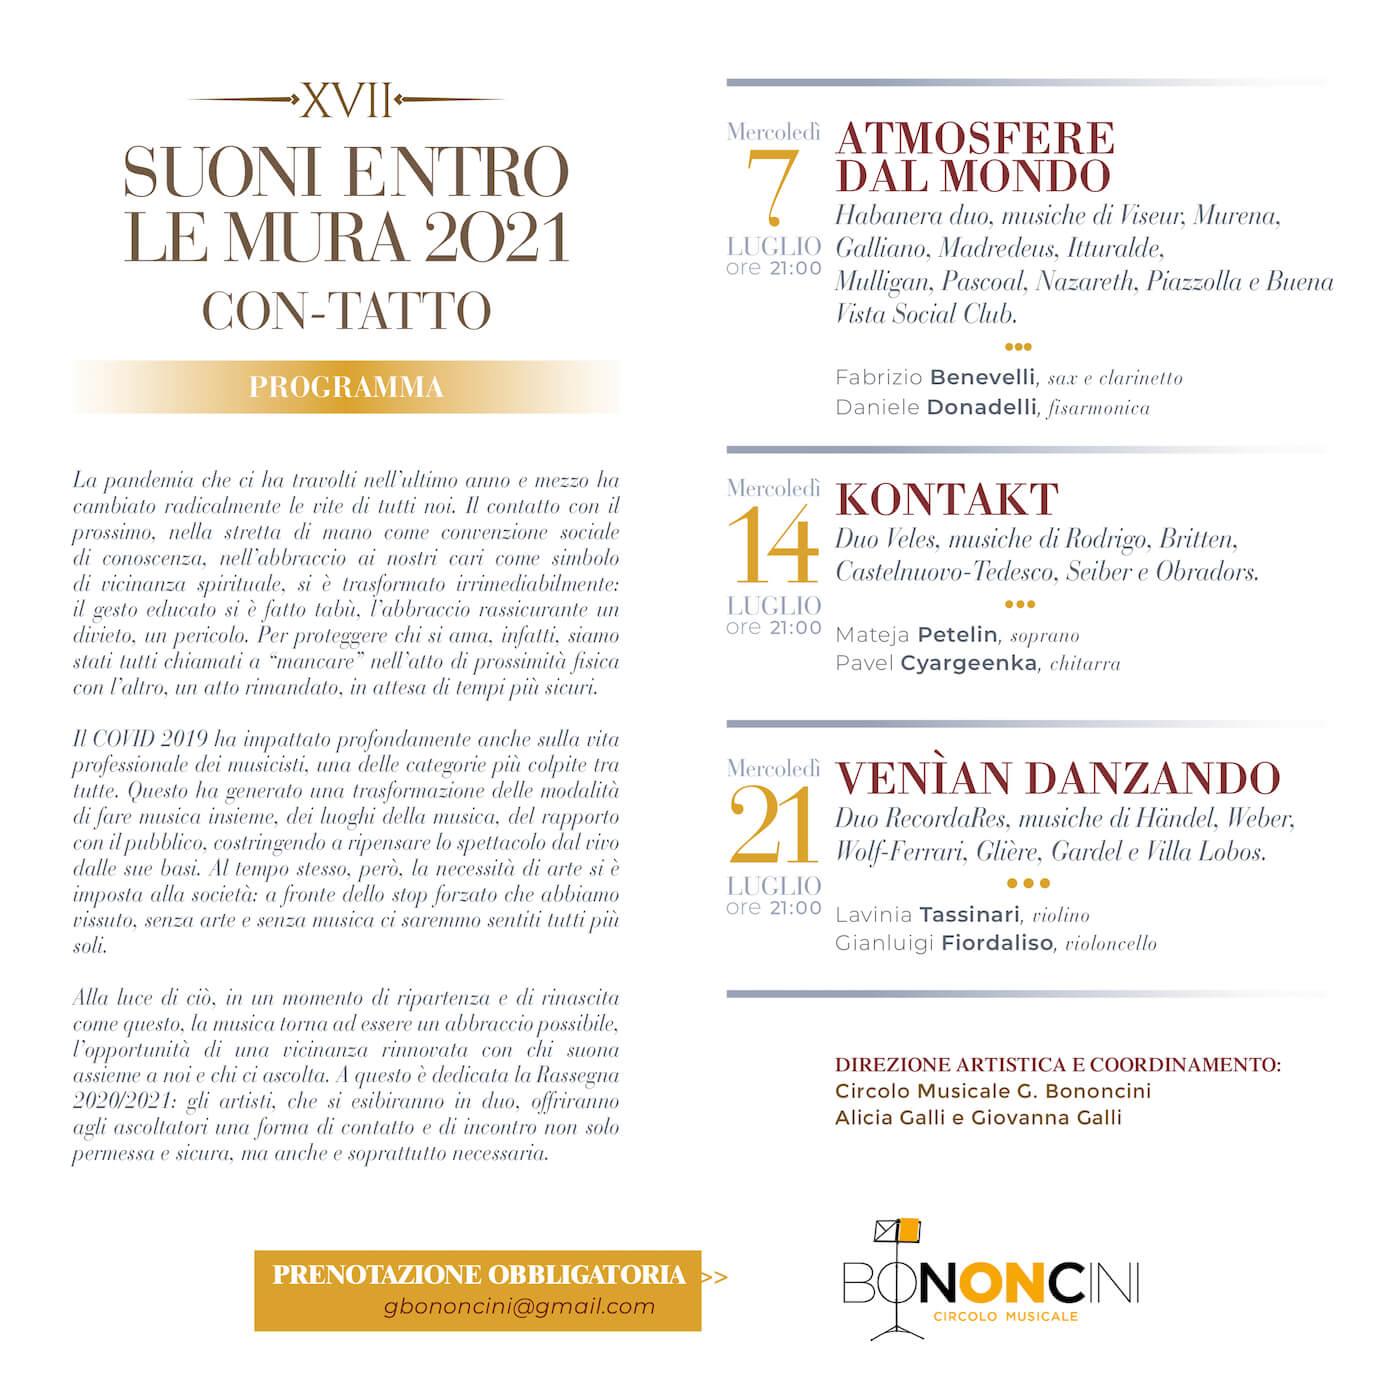 Programma-Suoni-Entro-le-mura-2021-2